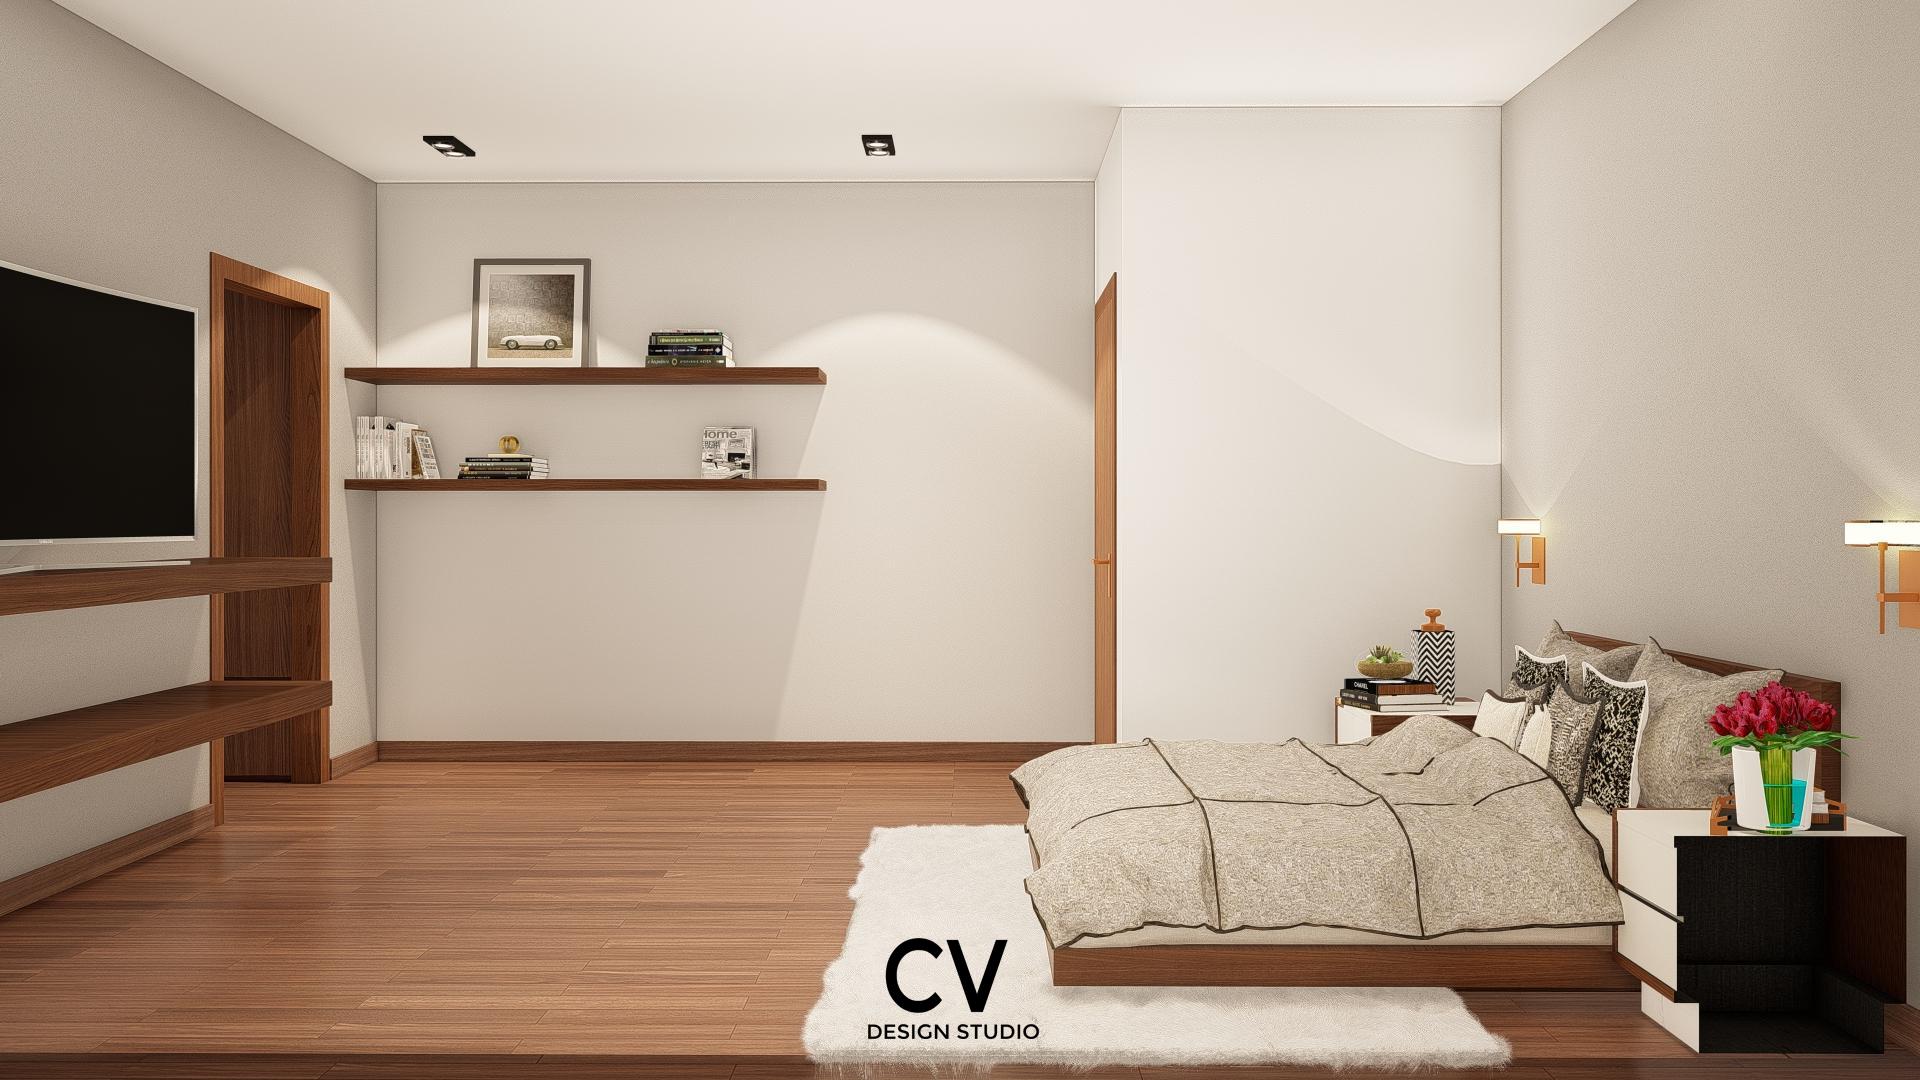 Thiết kế nội thất Nhà Mặt Phố tại An Giang H+ House 1600088021 10